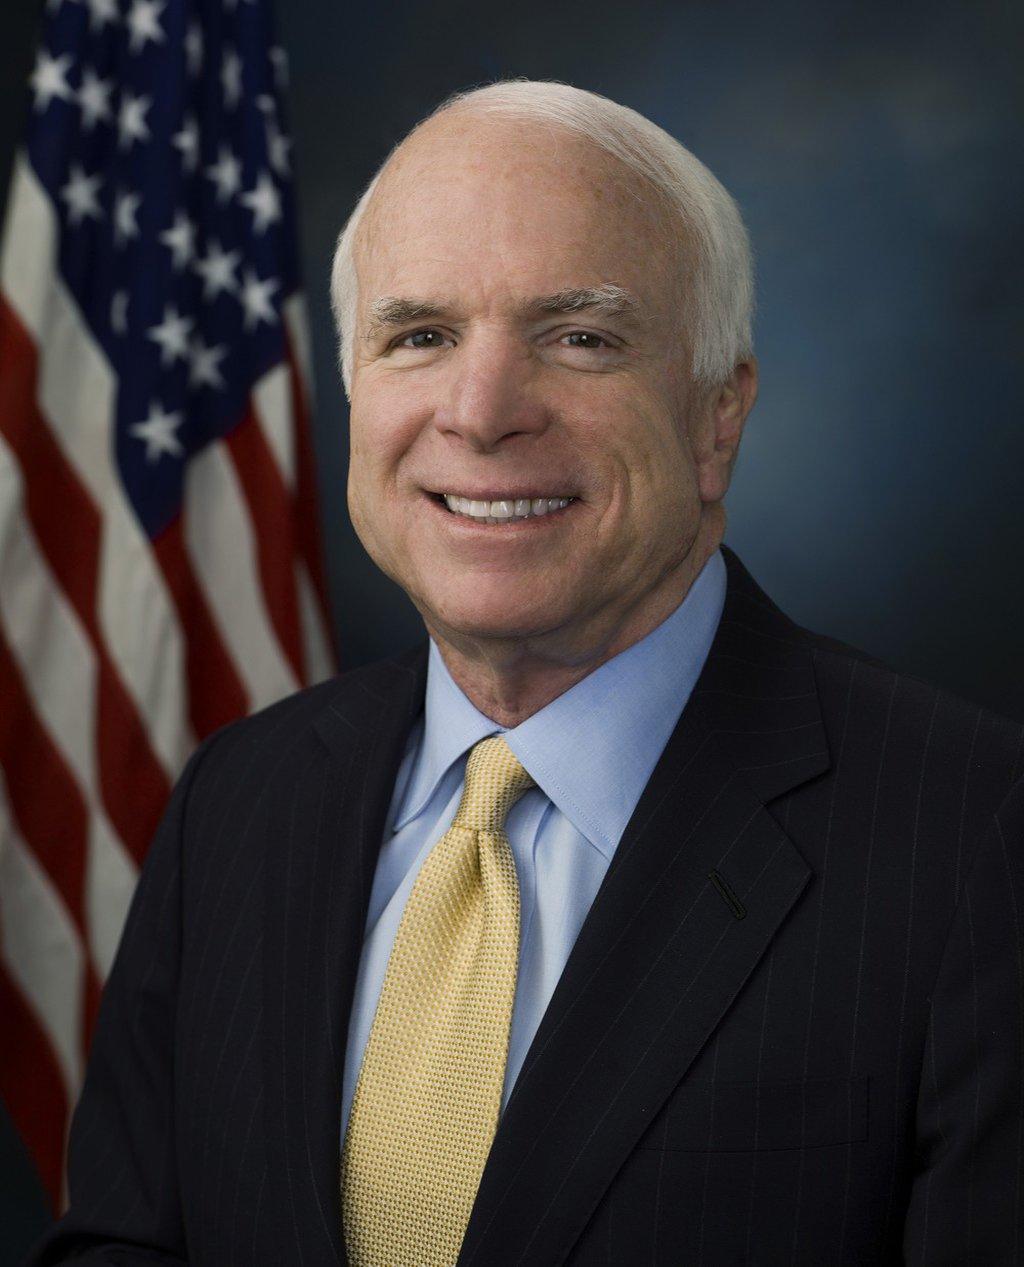 Morre nos EUA o senador republicano John McCain